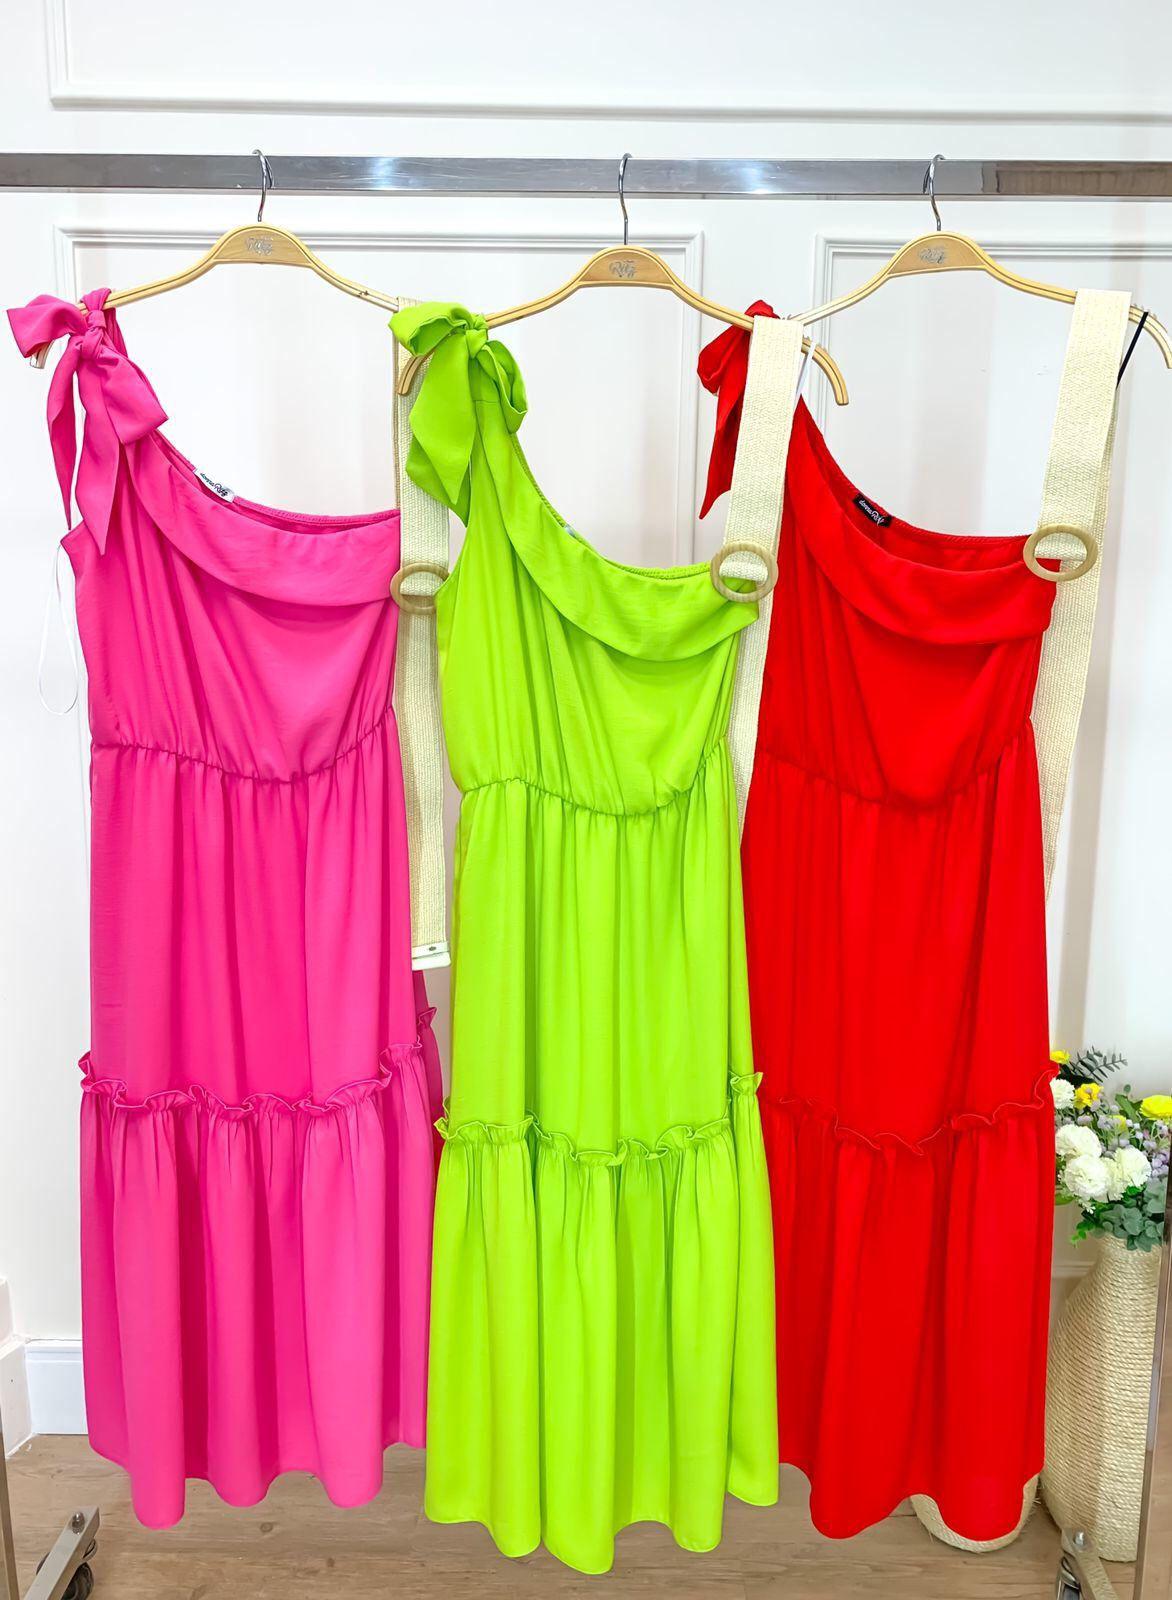 Vestido Alessandra Midi Crepe Linen (Forro) Detalhe Um Ombro Só Amarração  C/ Elástico Cintura Babados + Cinto Palha C/ Fivela Redonda